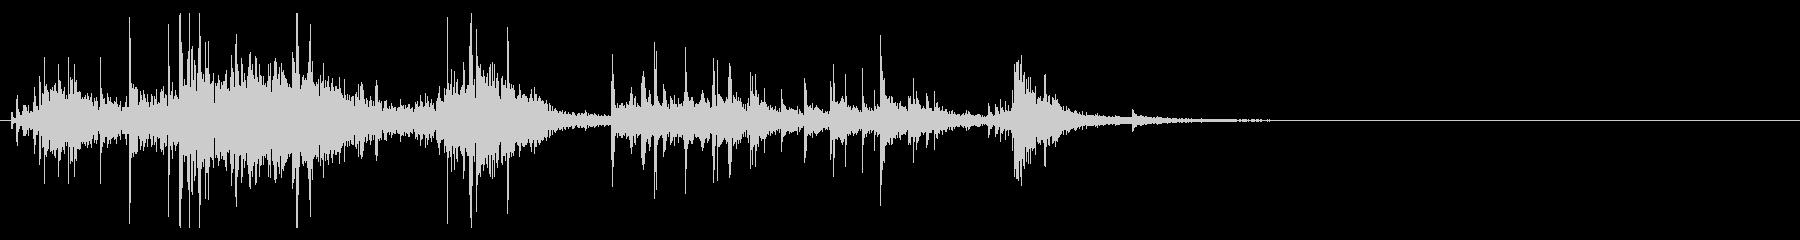 【生録音】お風呂 水の音 8の未再生の波形